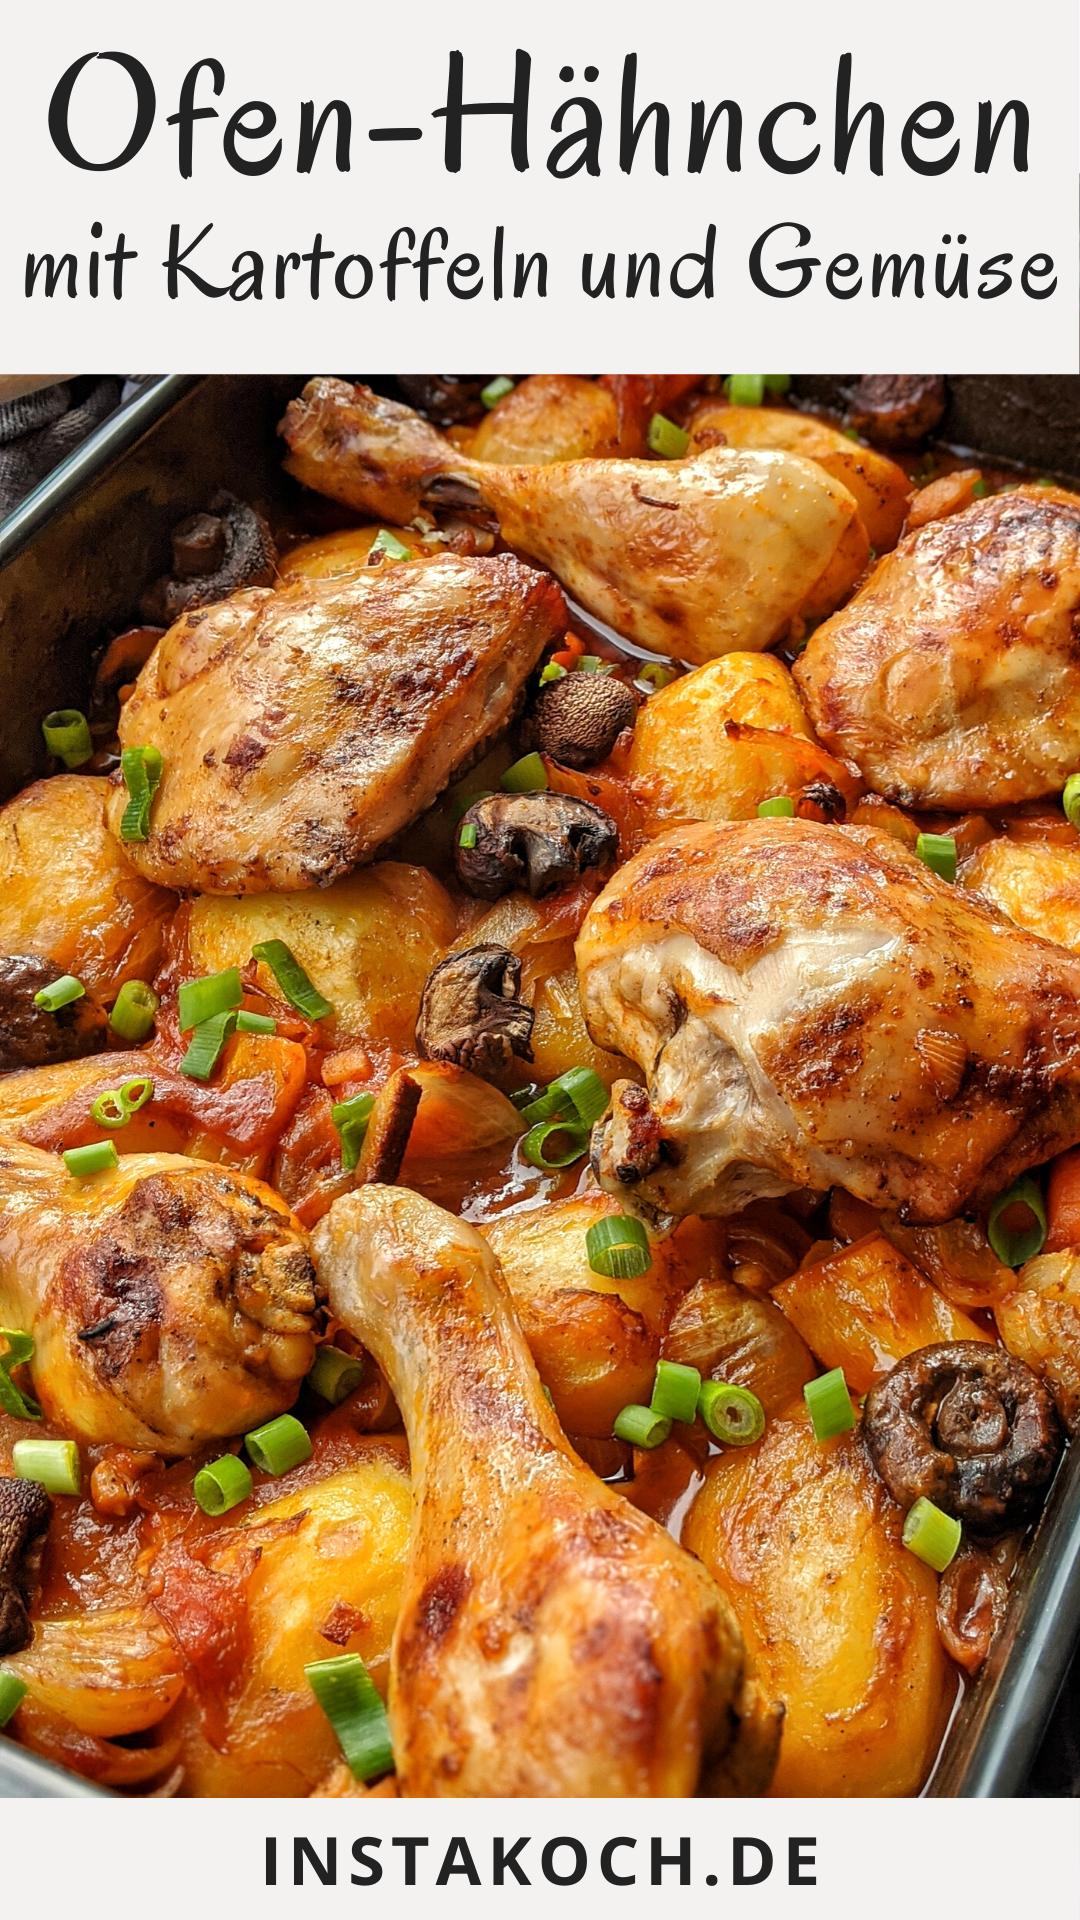 Ofen-Hähnchen mit Kartoffeln und Gemüse in Tomatensoße ist ein tolles einfaches Rezept, das jeder leicht zu Hause nachkochen kann. Langsam im Ofen gegart, wird das Hähnchen herrlich zart und die Haut schön knusprig. Ein tolles Essen für die ganze Familie und auch Kinder lieben es. #hähnchen #gefluegel #ofengericht #ofenhähnchen #kinderessen #familienessen #kochen #einfacherezepte